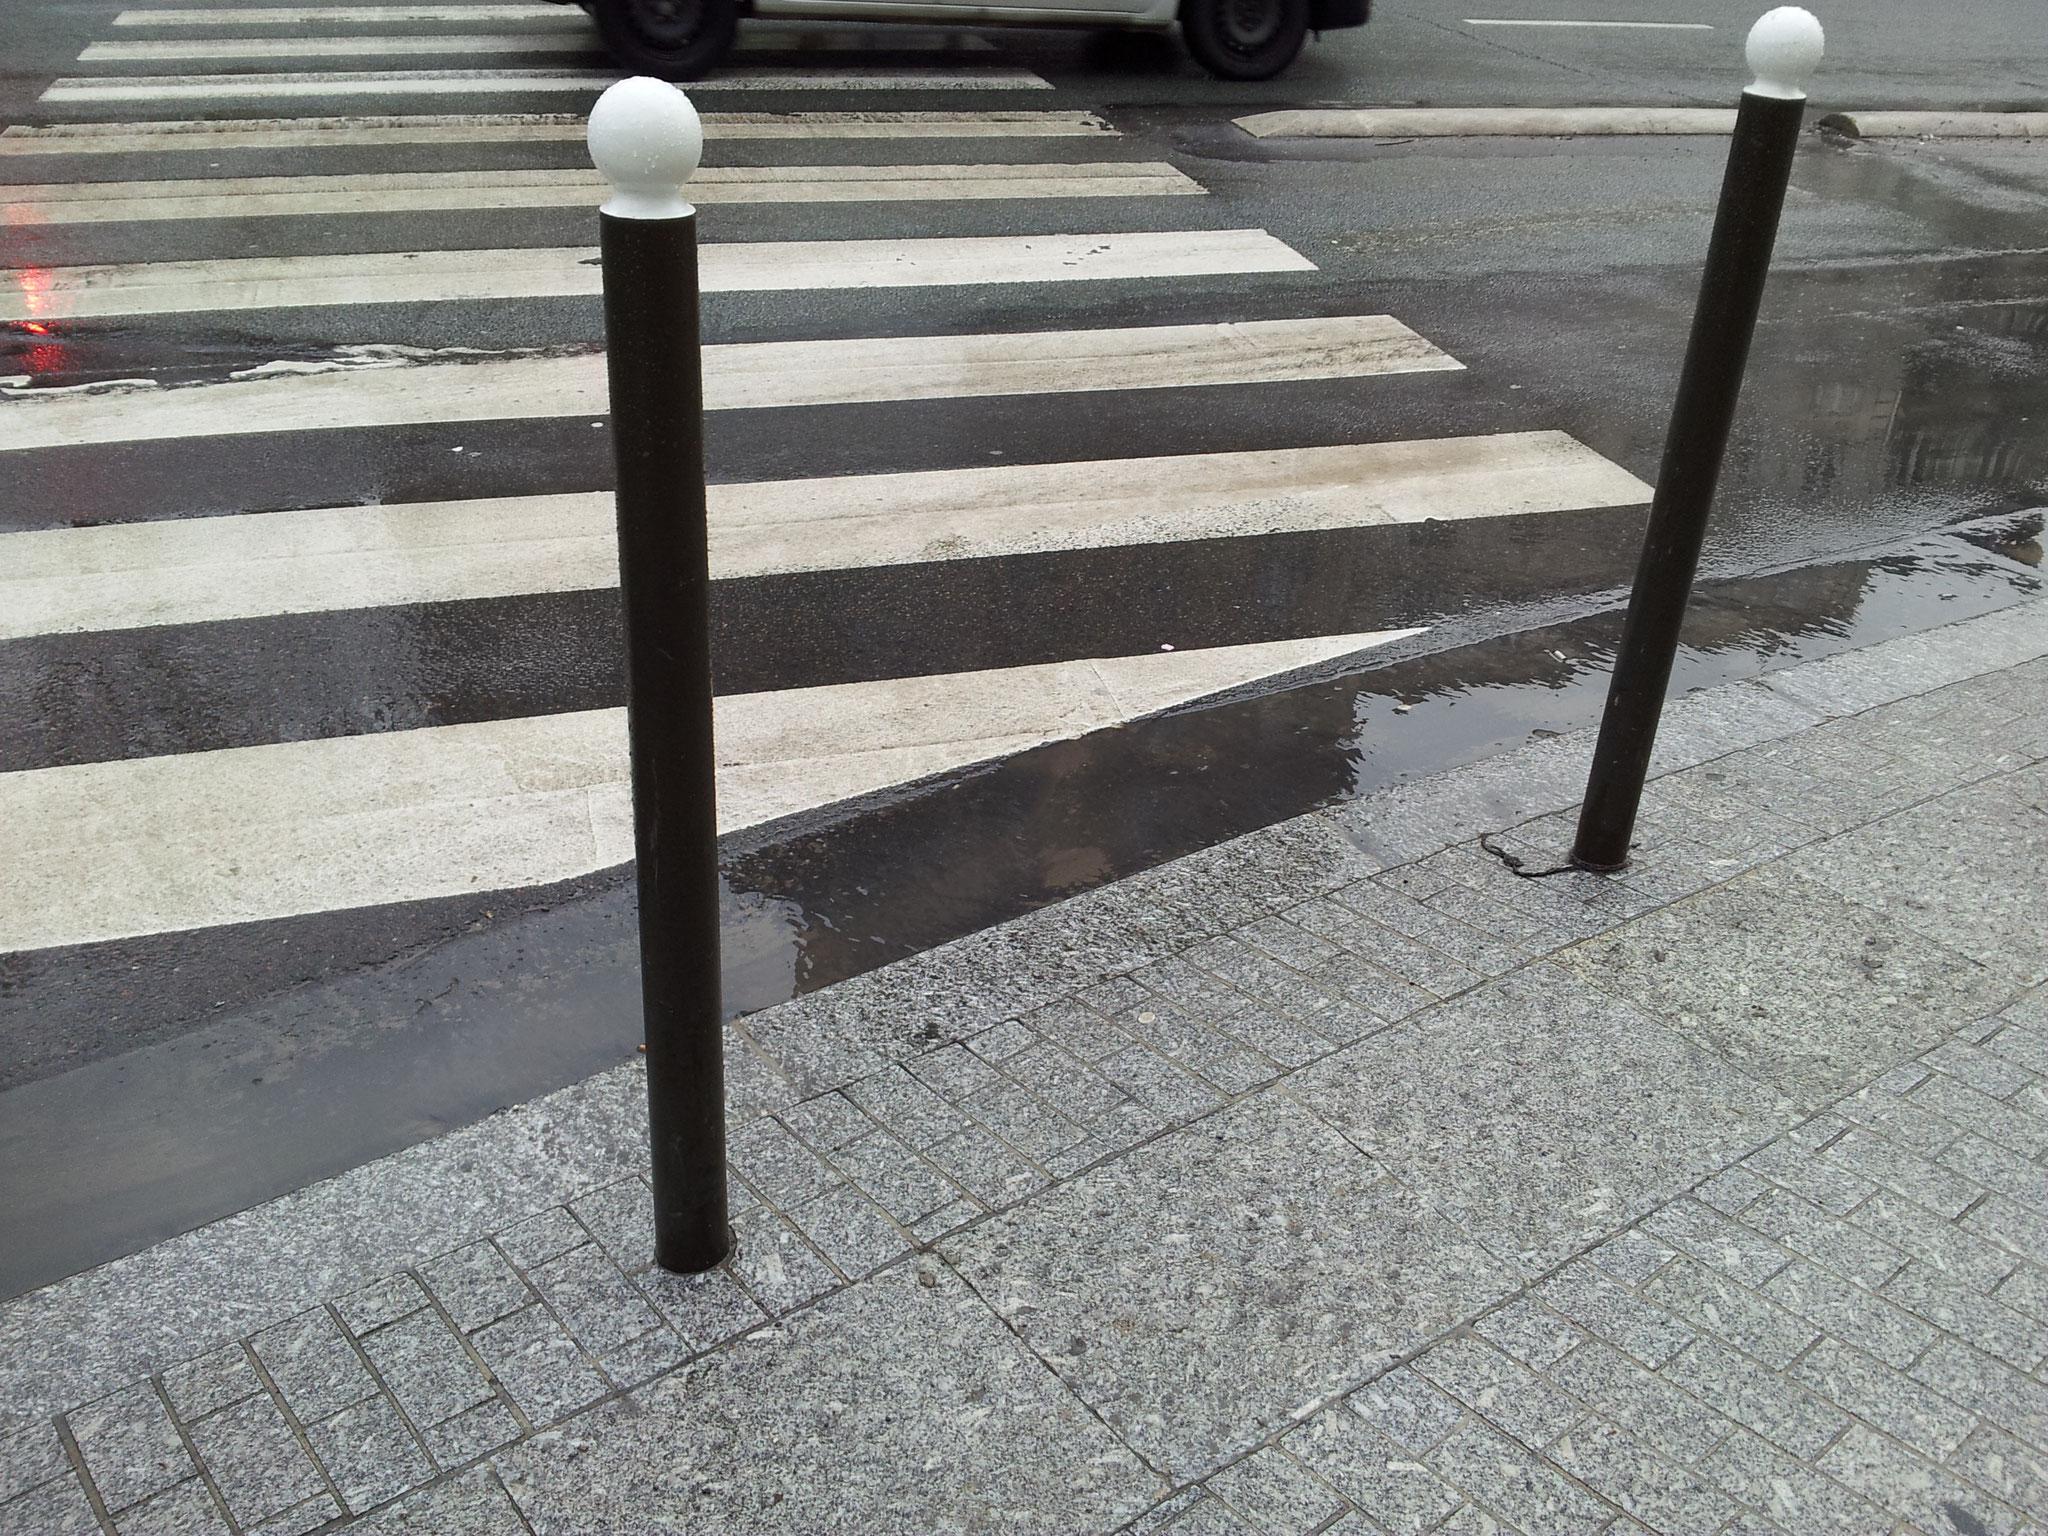 Boulogne Billancourt 92100 Absence de bande d'éveil et de vigilance au droit d'un passage piéton